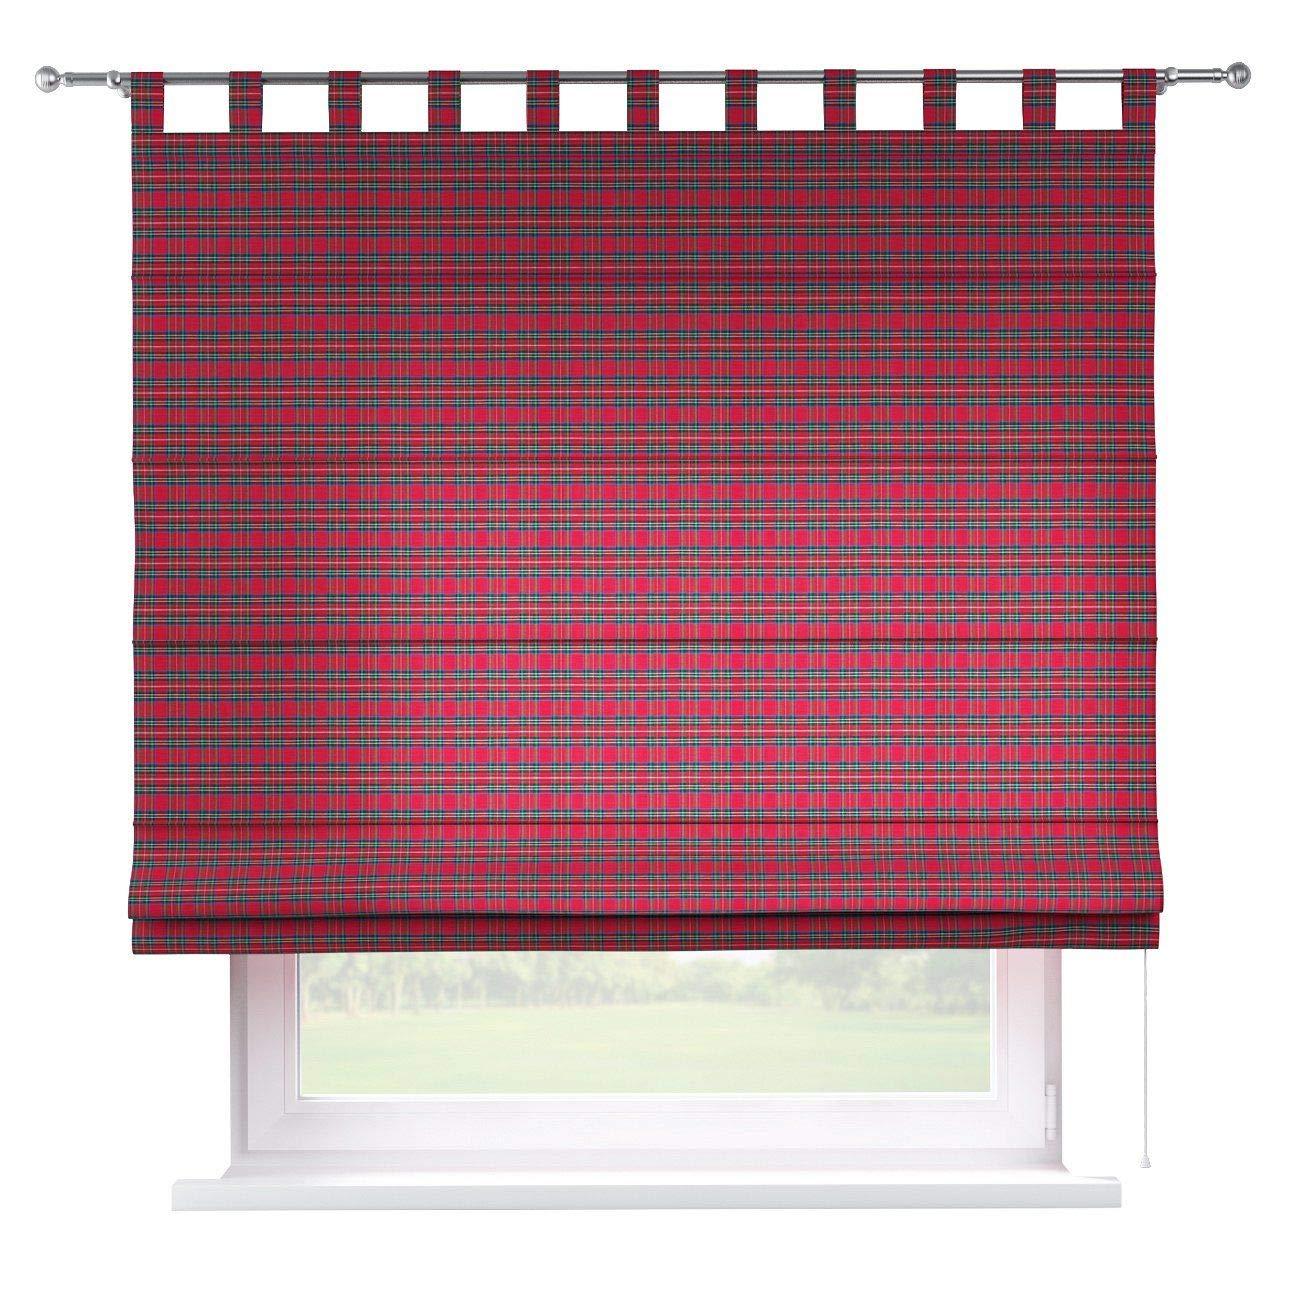 Dekoria Raffrollo Verona ohne Bohren Blickdicht Faltvorhang Raffgardine Wohnzimmer Schlafzimmer Kinderzimmer 80 × 170 cm rot-grün Raffrollos auf Maß maßanfertigung möglich